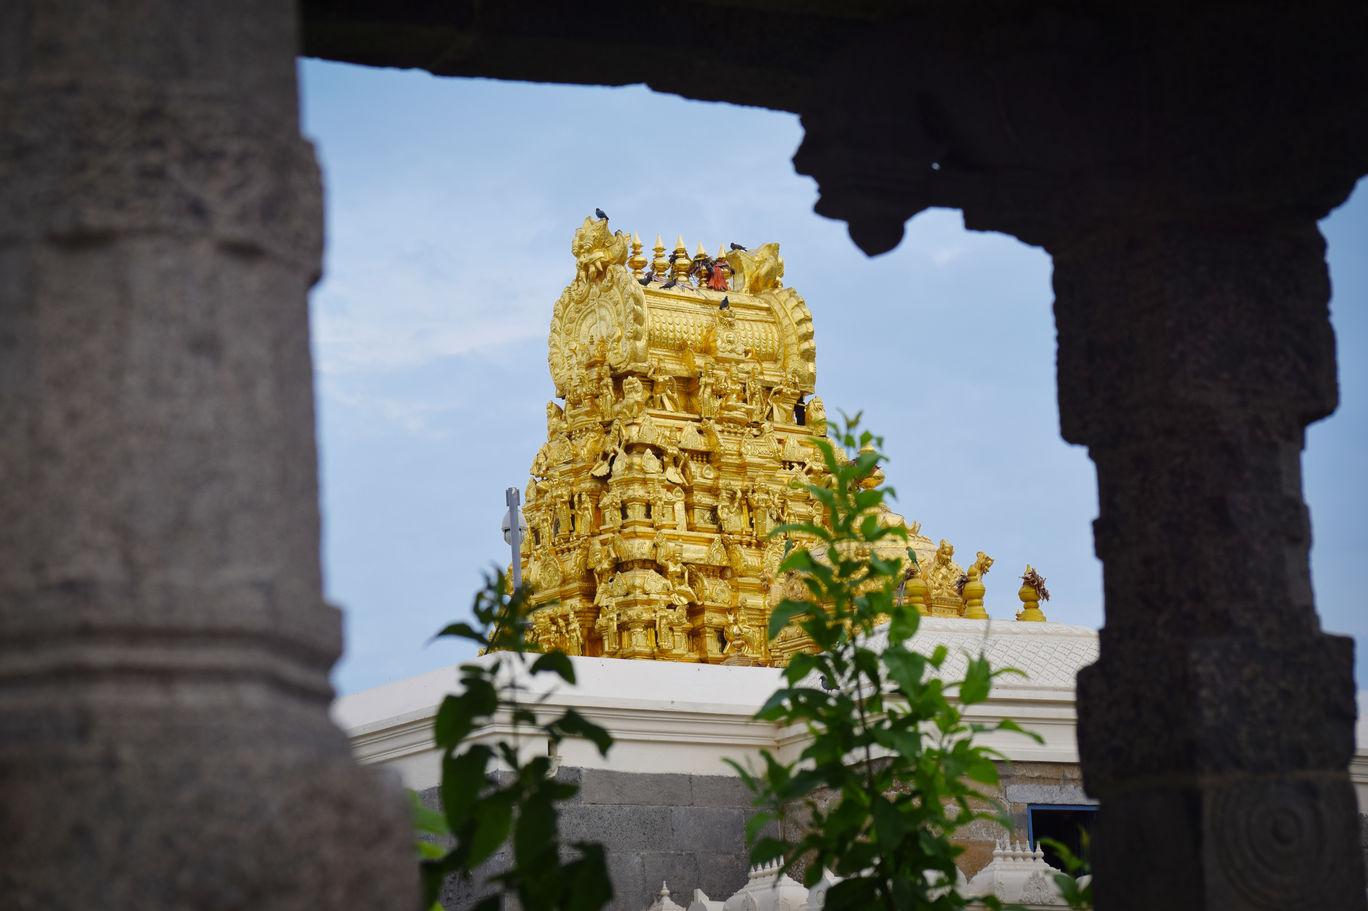 Photo of Kanchipuram By Bhaarath Karunagaran